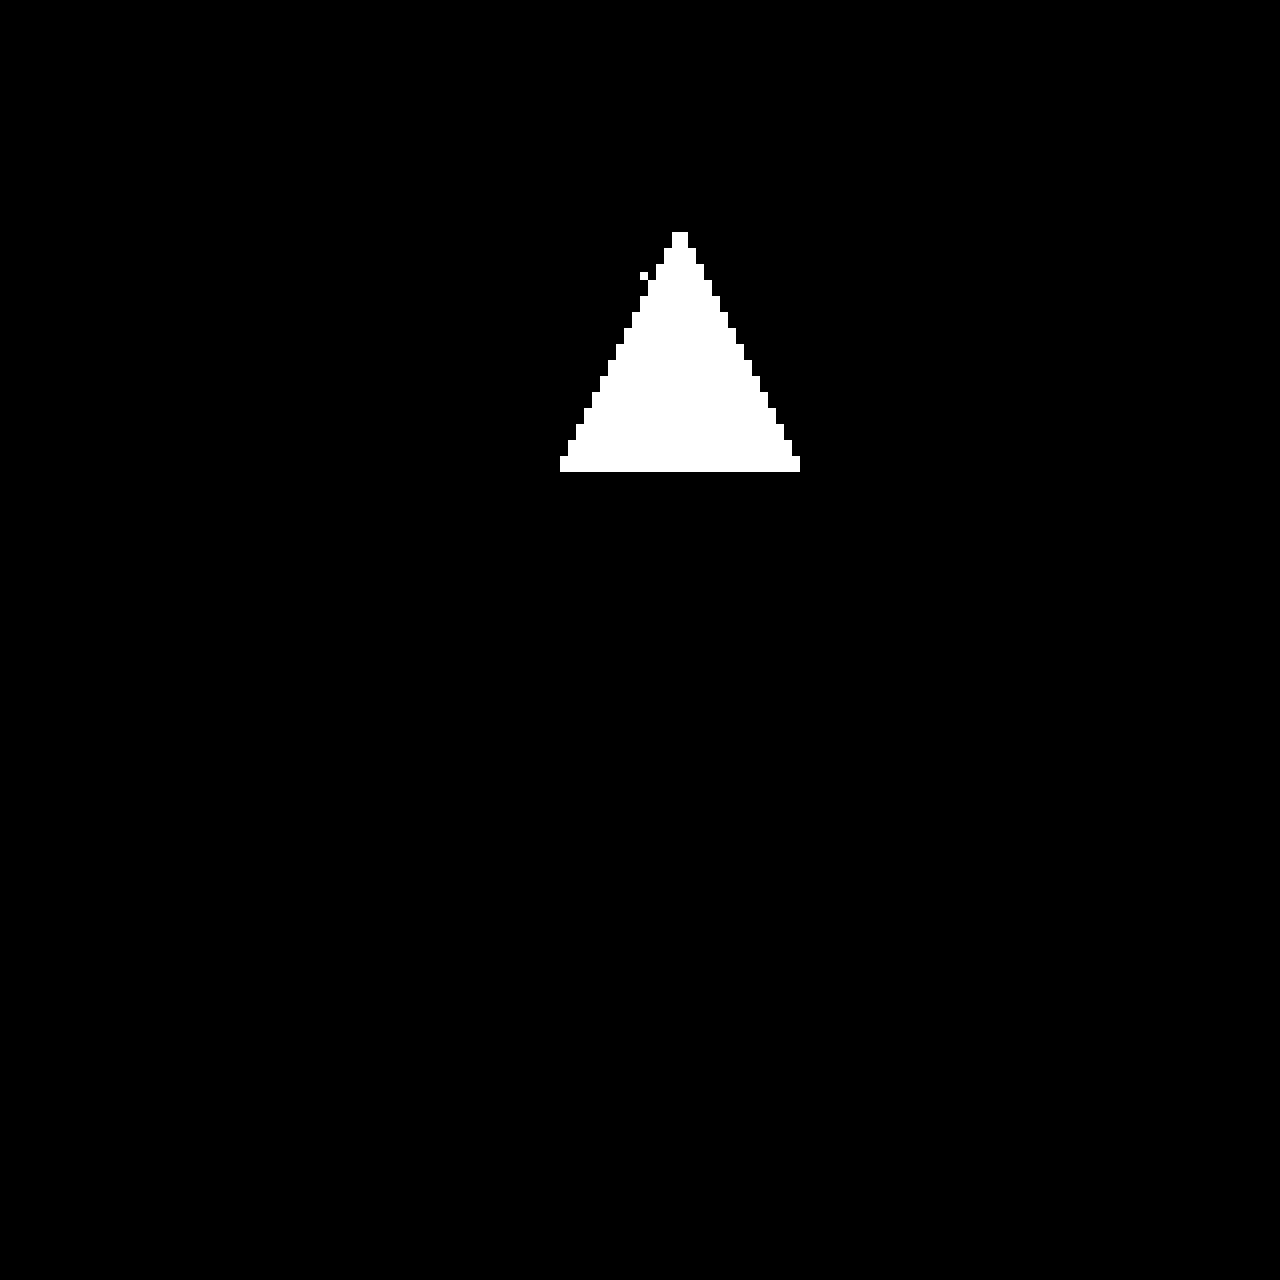 Triangle (model)